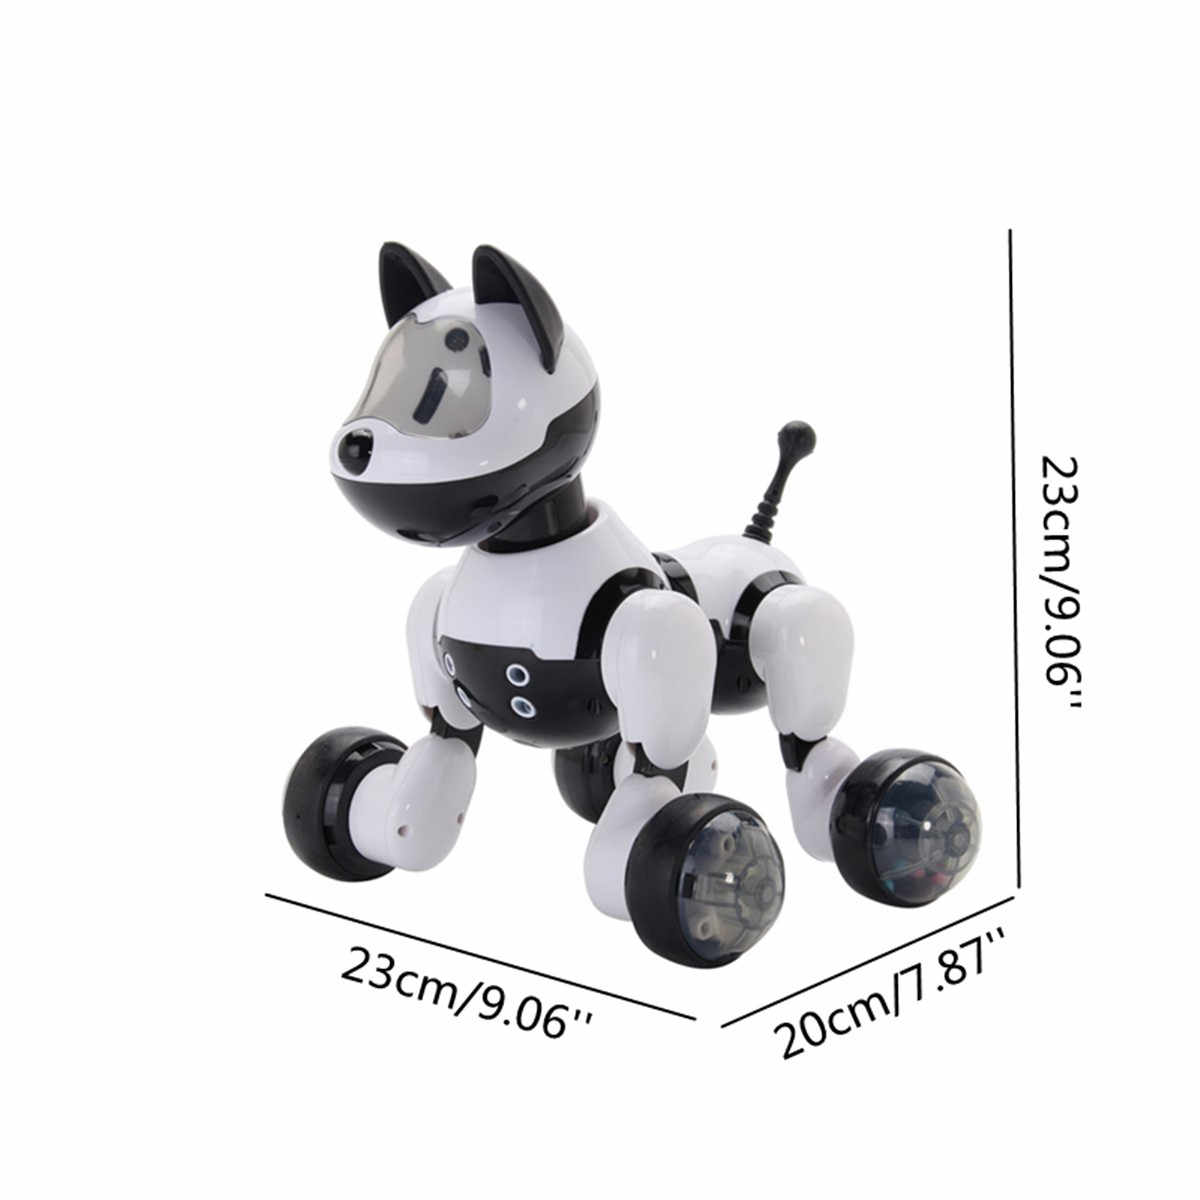 Inteligente eletrônico animal de estimação brinquedo robô cão crianças andando cantar dança filhote de cachorro ação programa crianças presente brinquedos animais robóticos